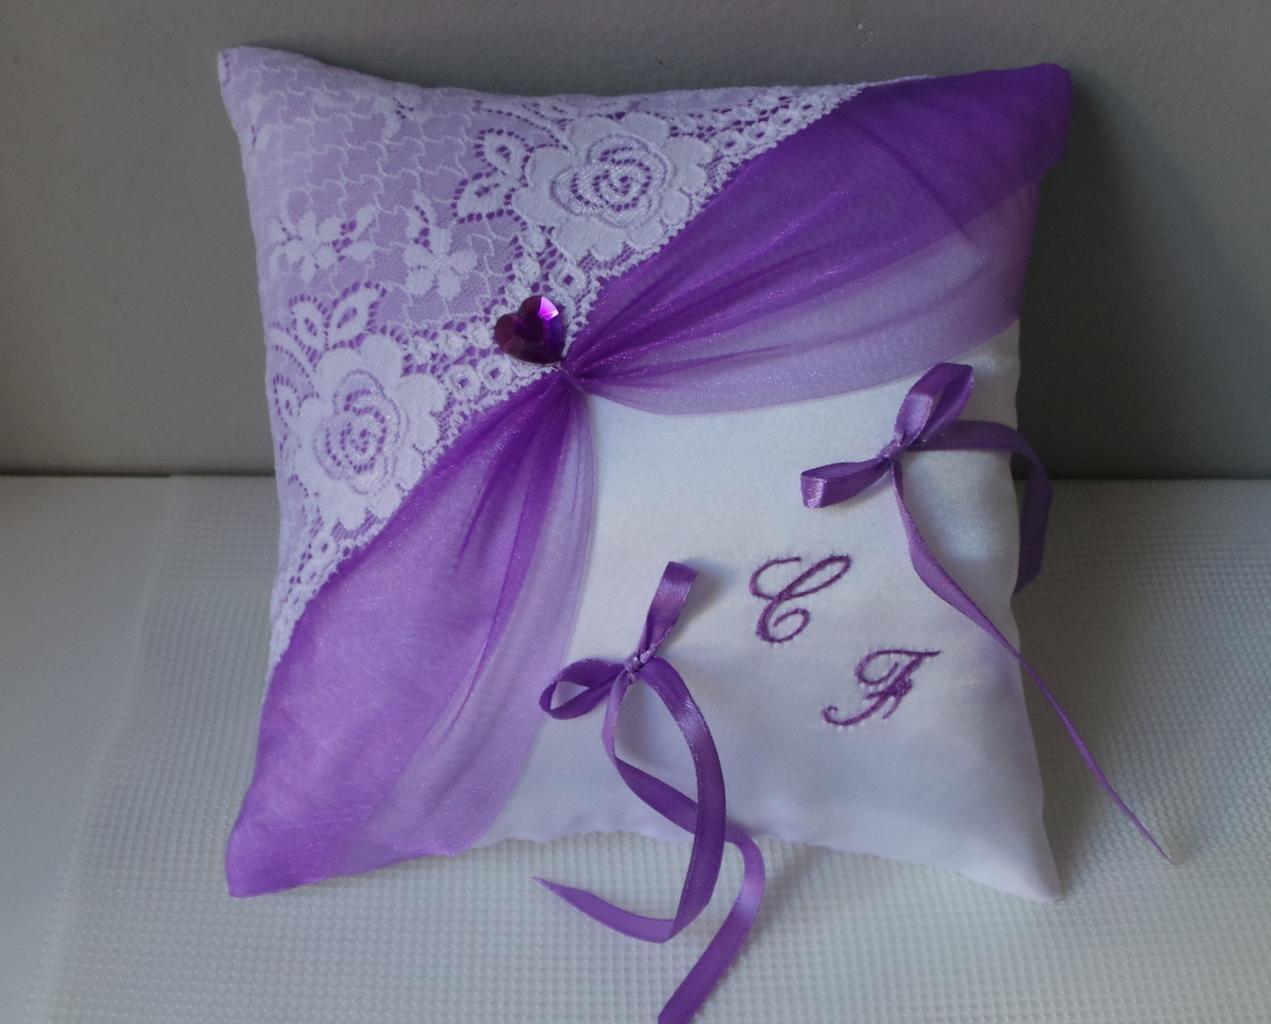 coussin alliance drapé violet, dentelle blanche